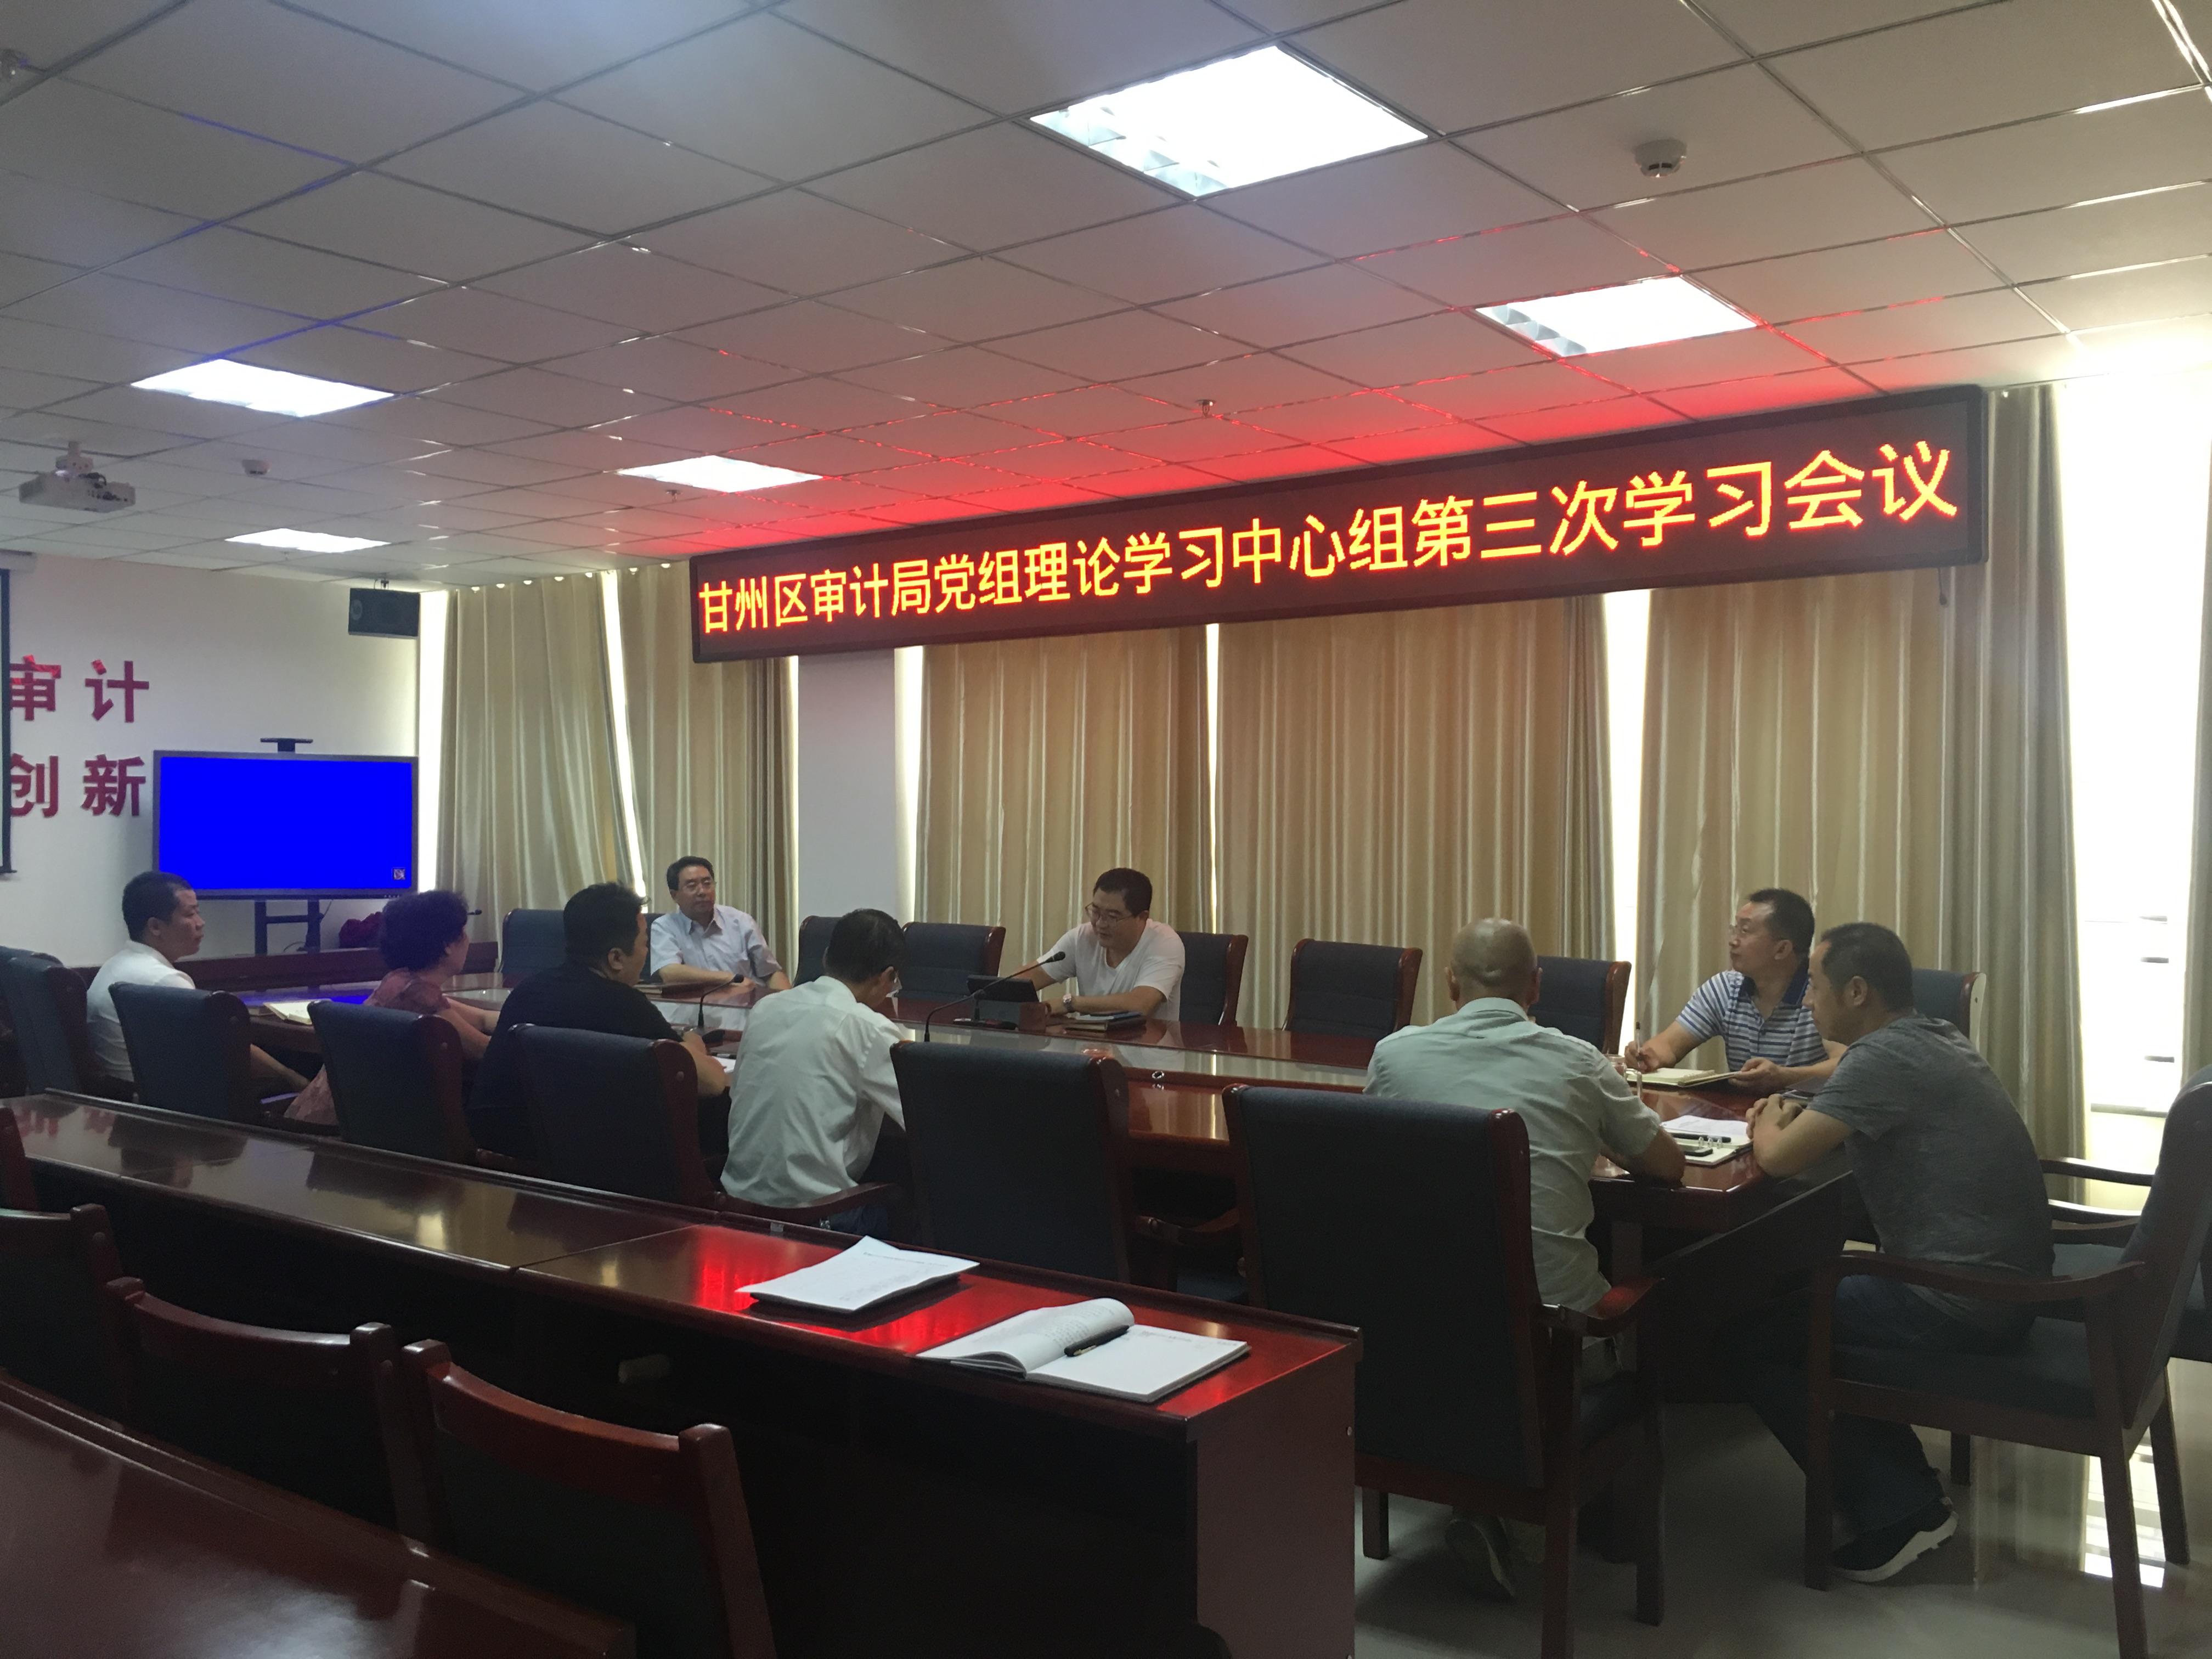 甘州区审计局召开党组理论中心组学习会议专题学习《宪法》和《监察法》